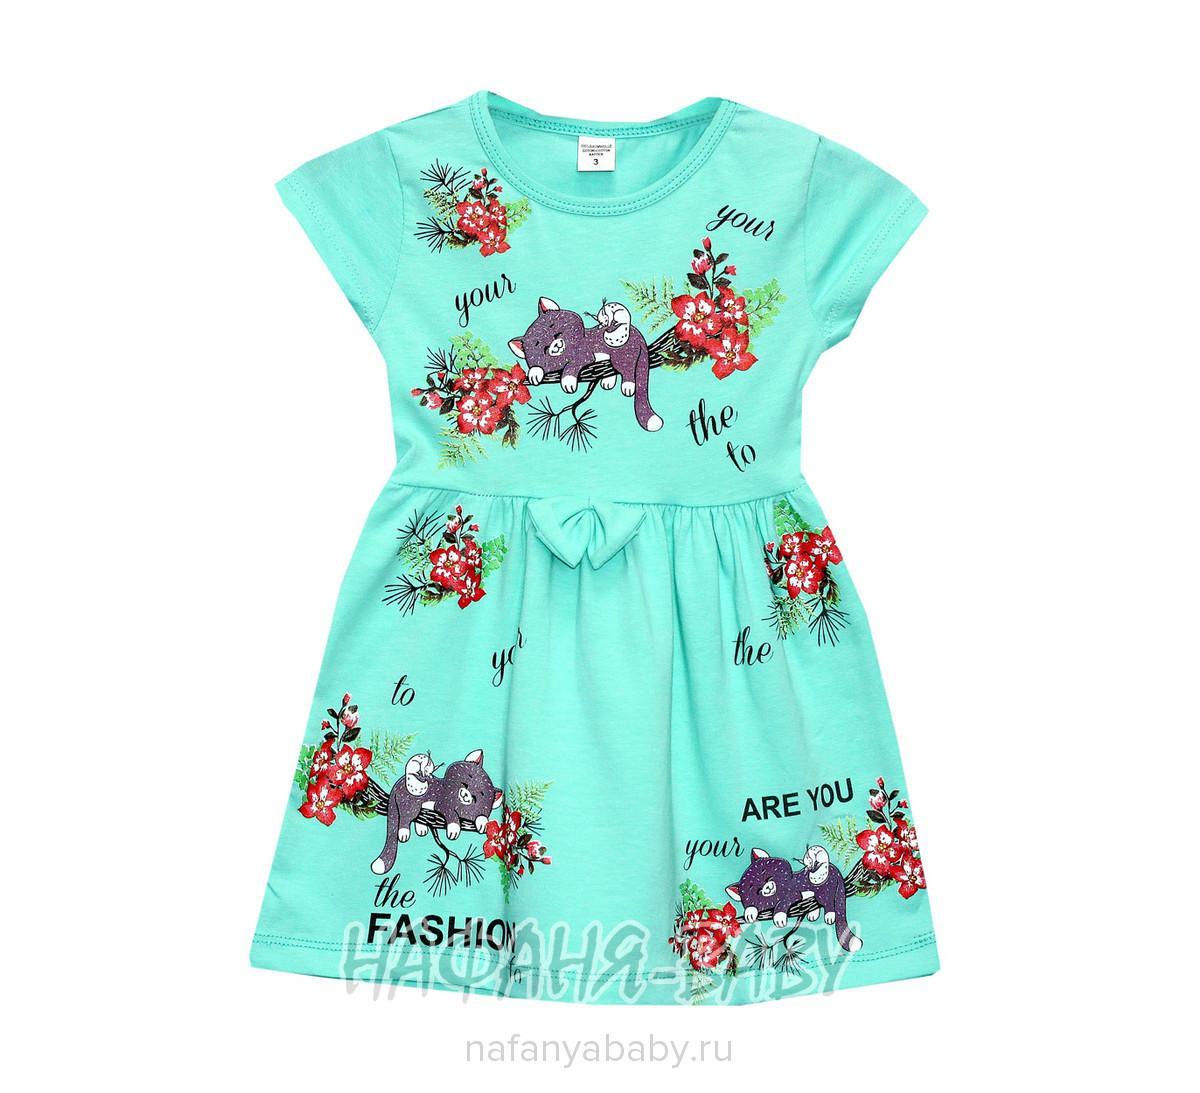 Детское платье Chields Smile арт: 0371, 1-4 года, 5-9 лет, цвет розовый, оптом Турция